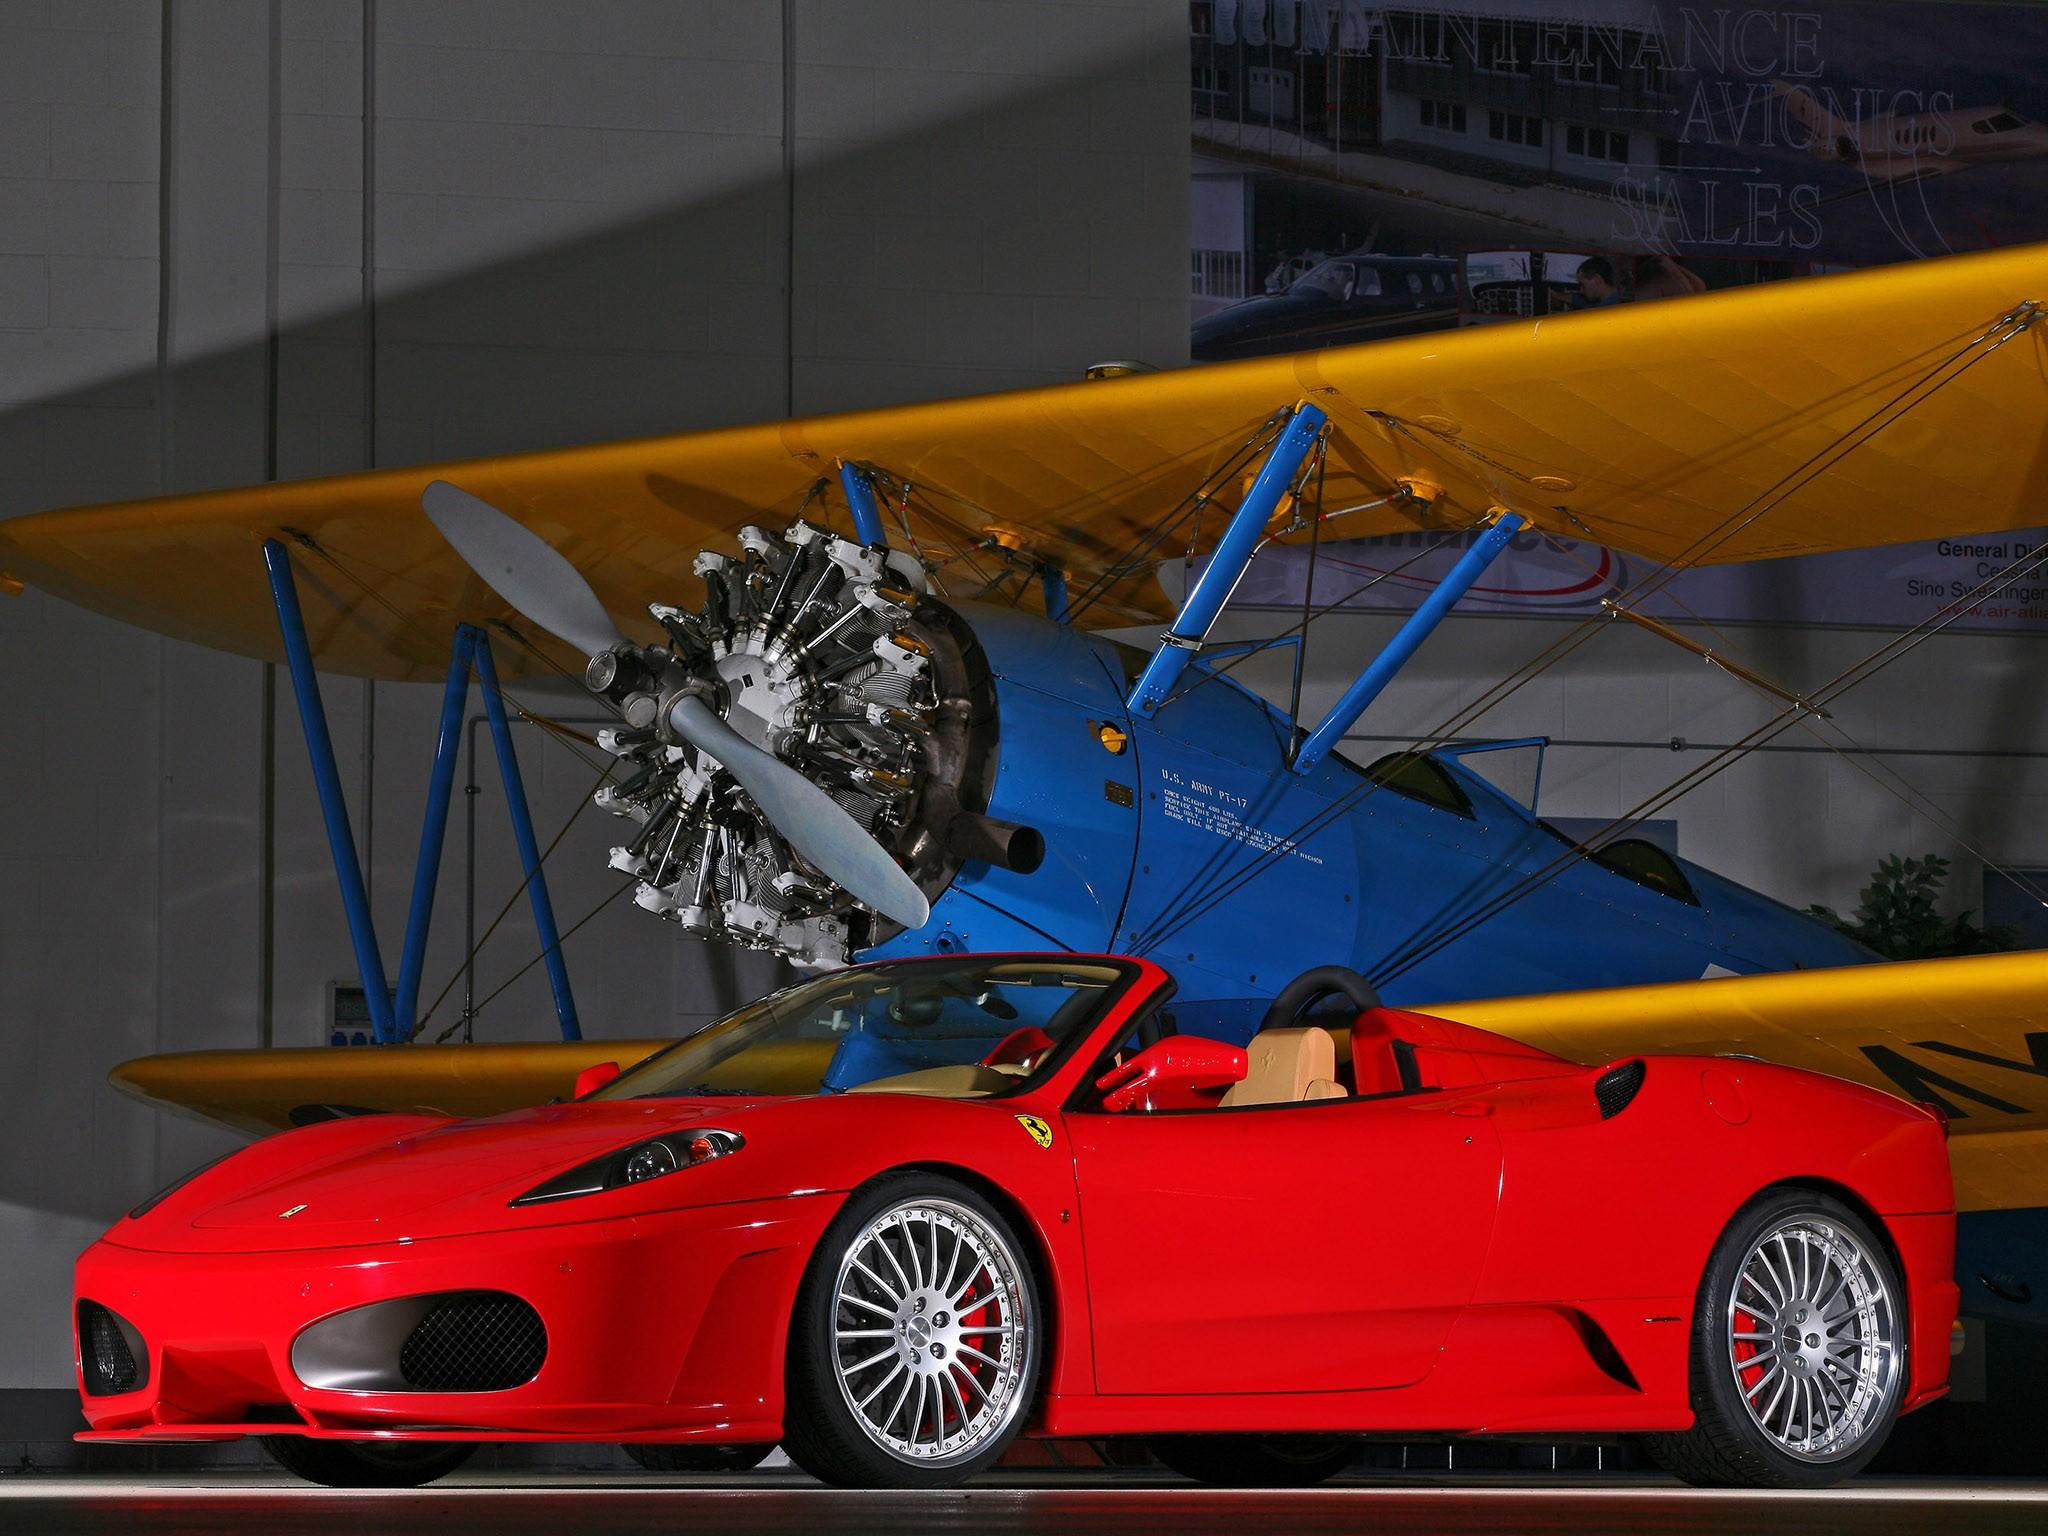 2009 Inden Design - Ferrari F430